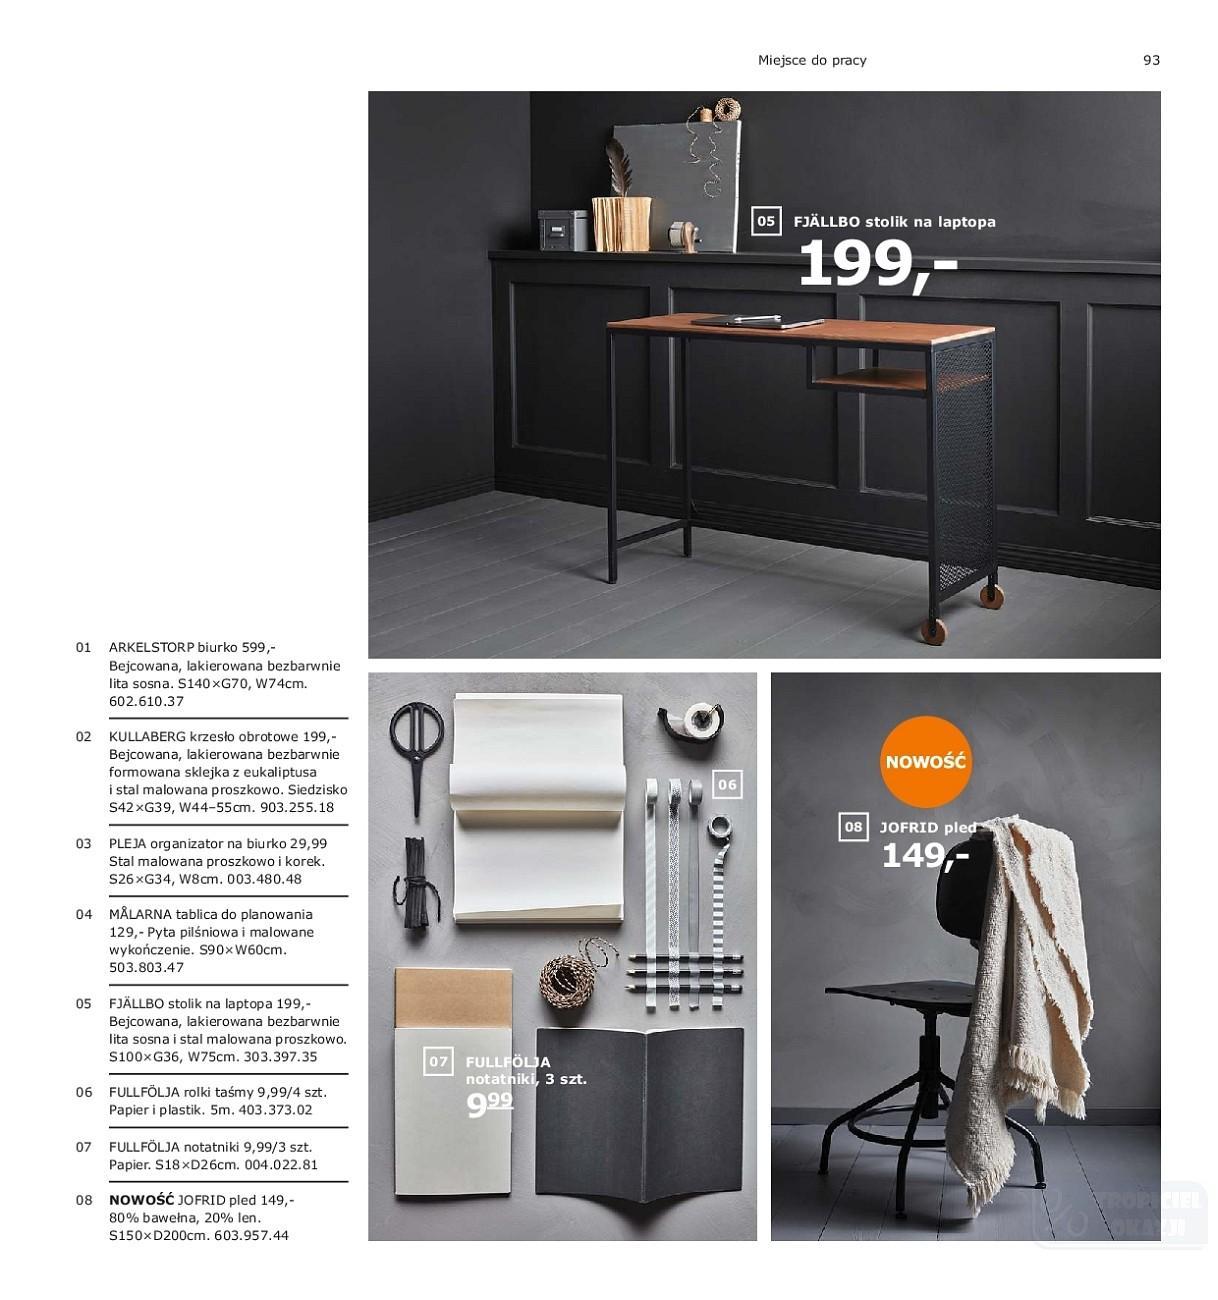 Gazetka promocyjna IKEA do 31/07/2019 str.93